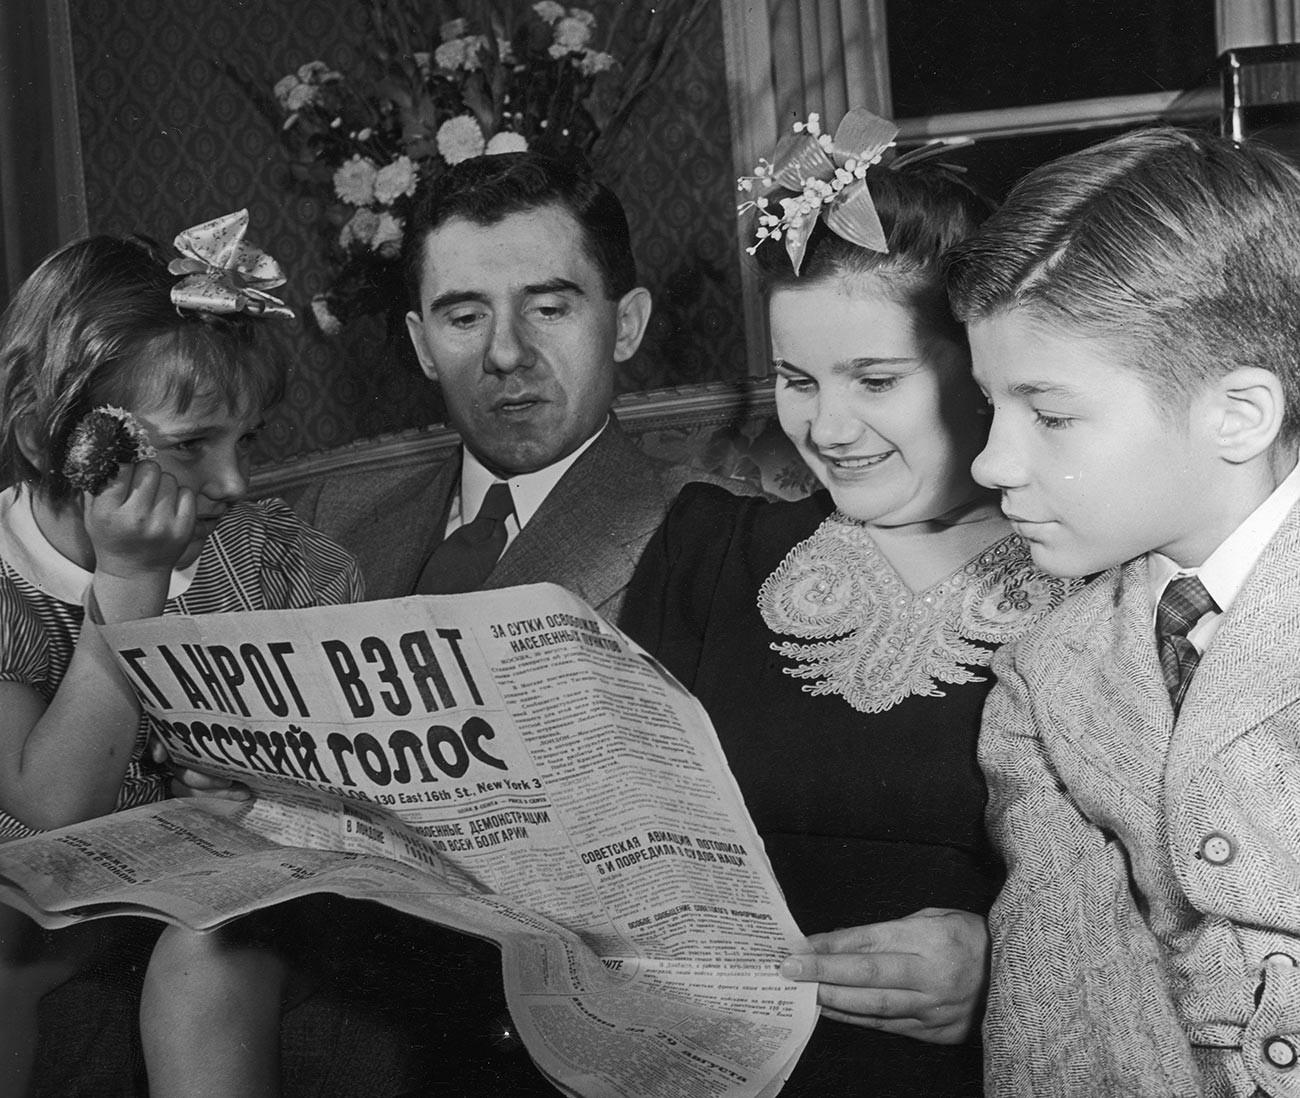 Andrei Gromyko, der sowjetische Botschafter in den Vereinigten Staaten, mit seiner Frau und seinen Kindern in ihrer privaten Wohnung in der Botschaft in Washington, 1944